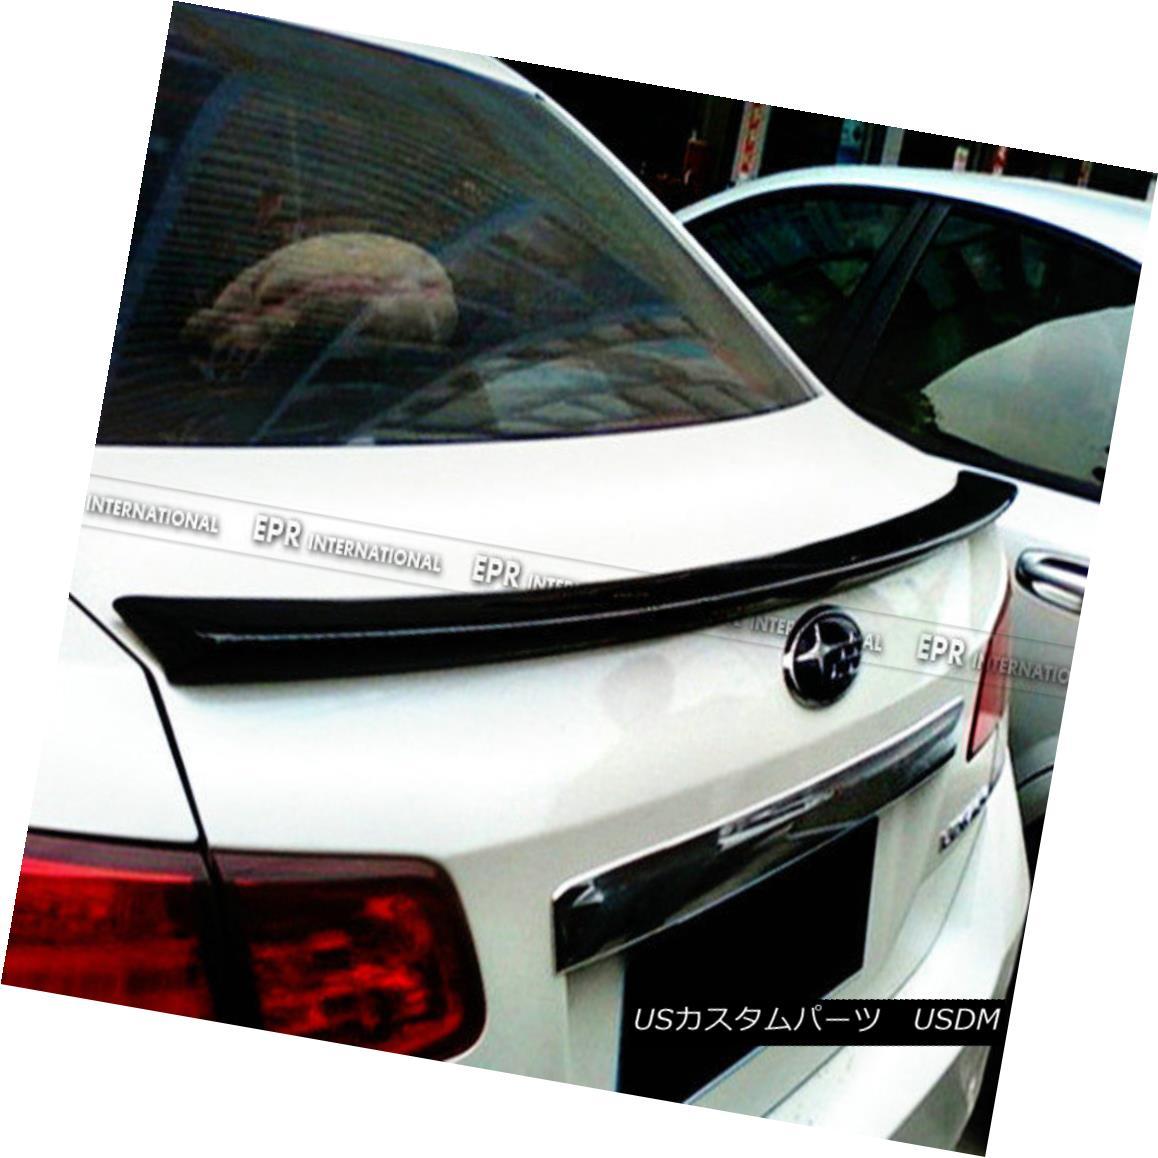 エアロパーツ ABC Rear Trunk Spoiler Wing Lip Kit For Subaru Legacy BP5-D~F 2009+ Carbon Fiber スバルレガシー用ABCリアトランクスポイラーウイングリップキットBP5-D?F 2009+炭素繊維